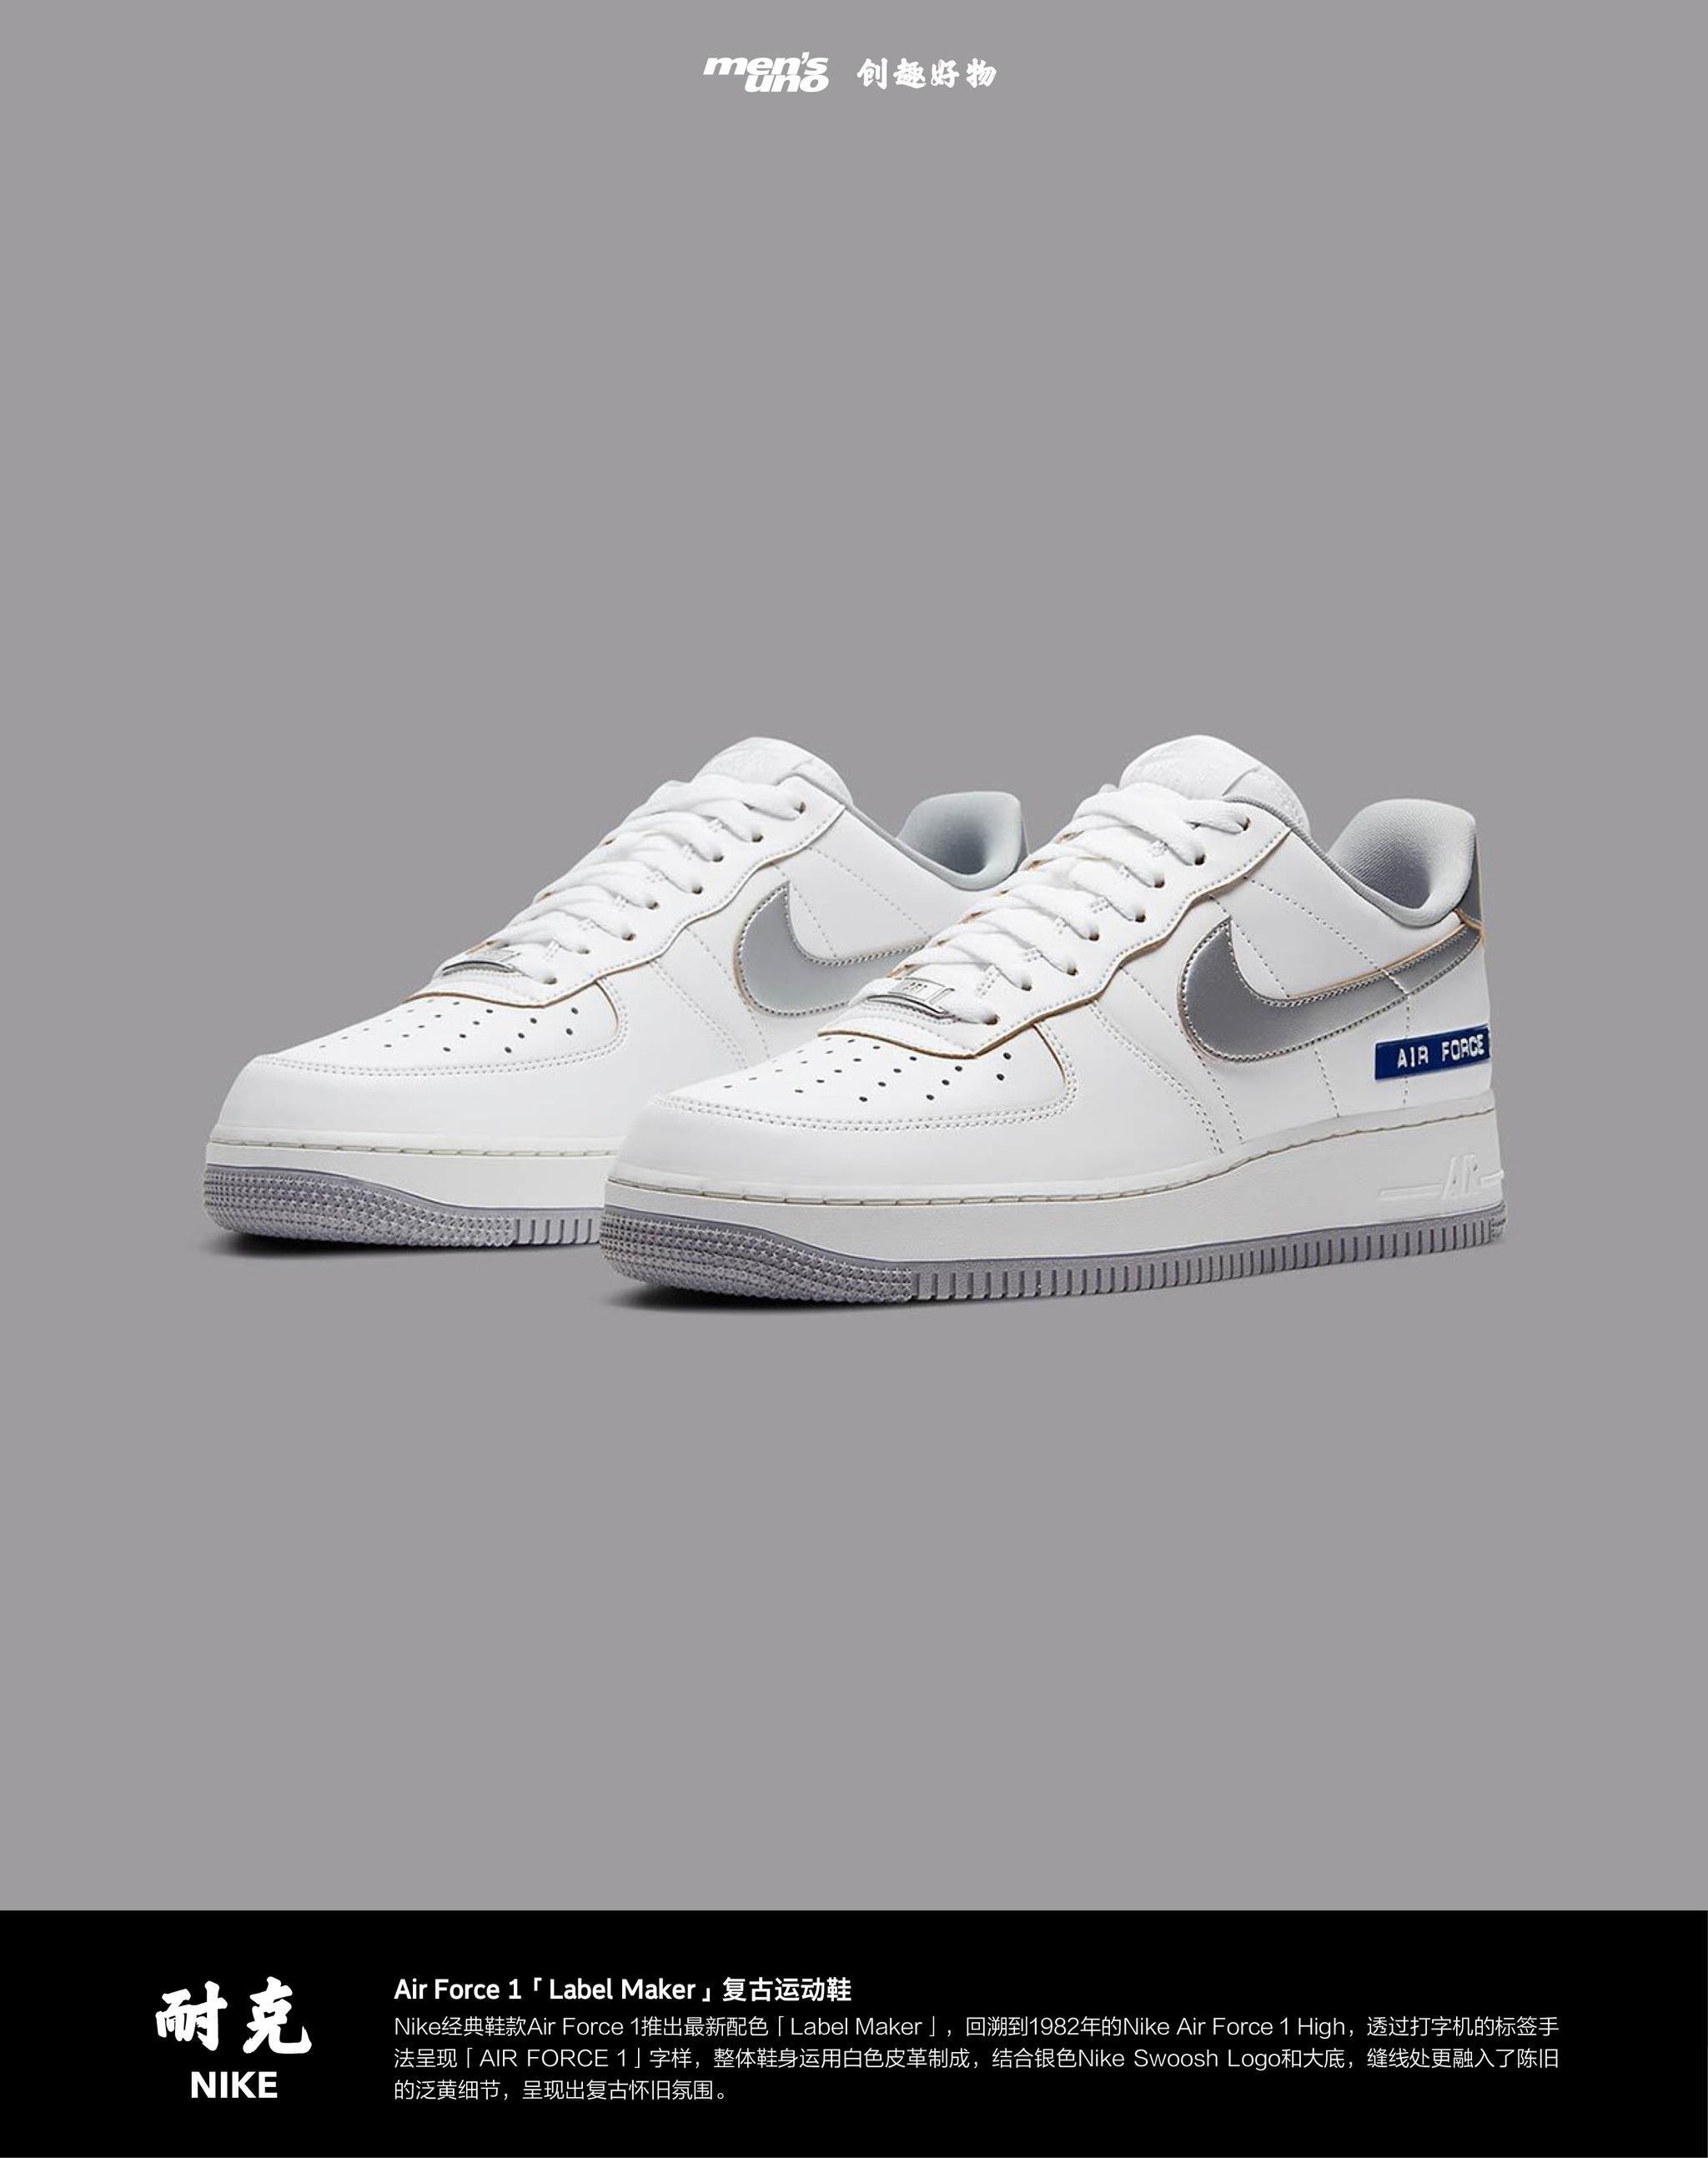 Nike 经典鞋款Air Force 1推出最新配色「Label Maker」……